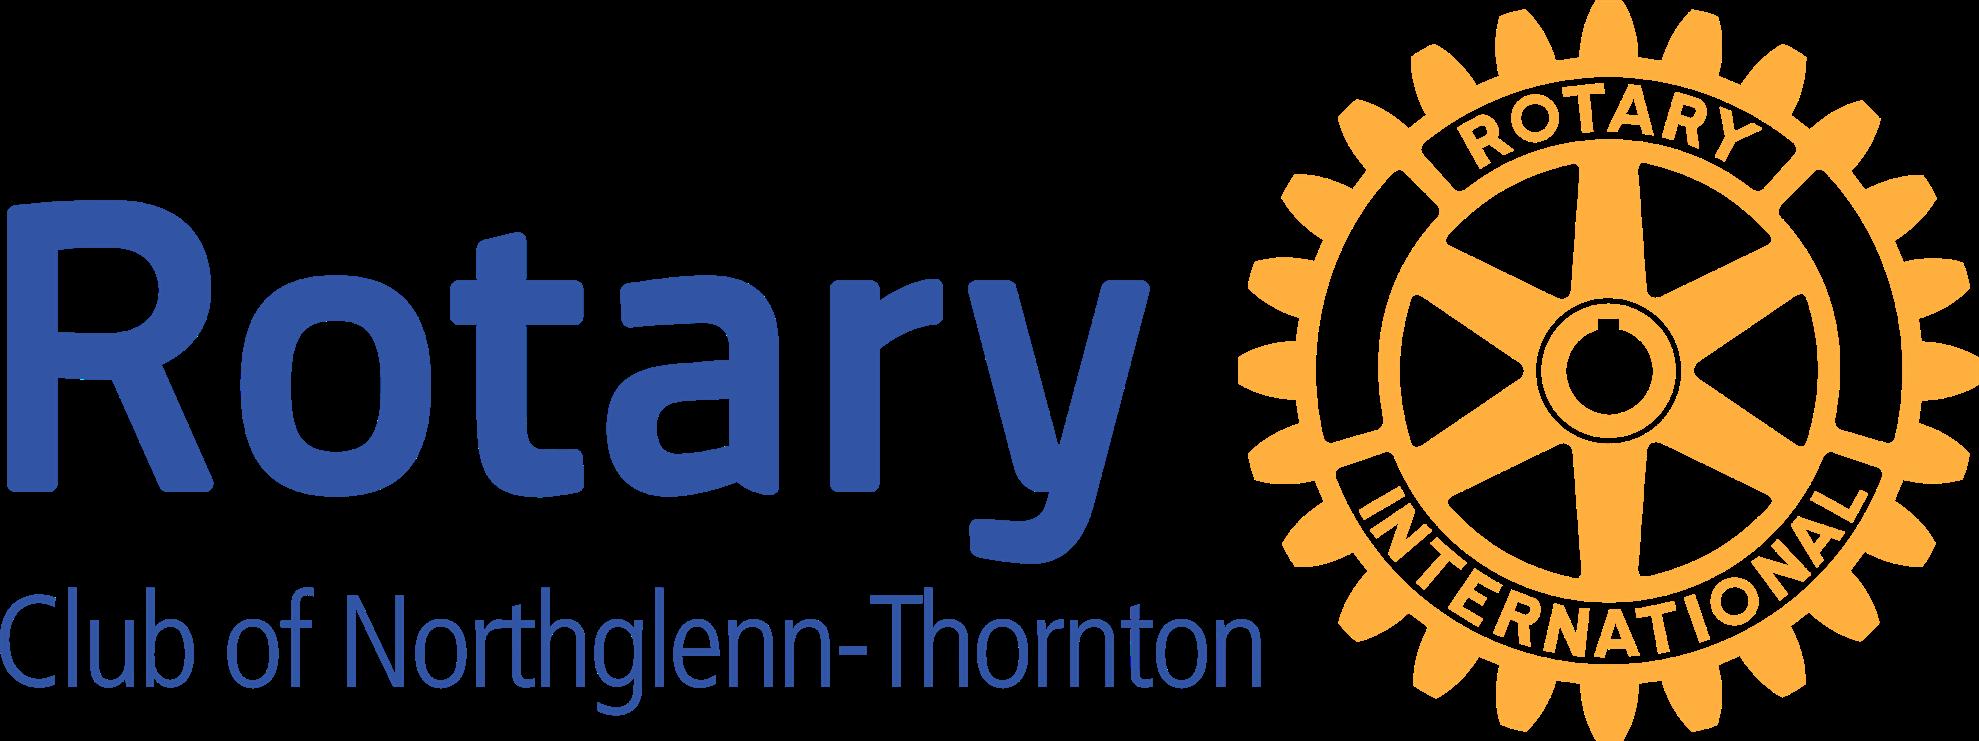 Northglenn/Thornton logo